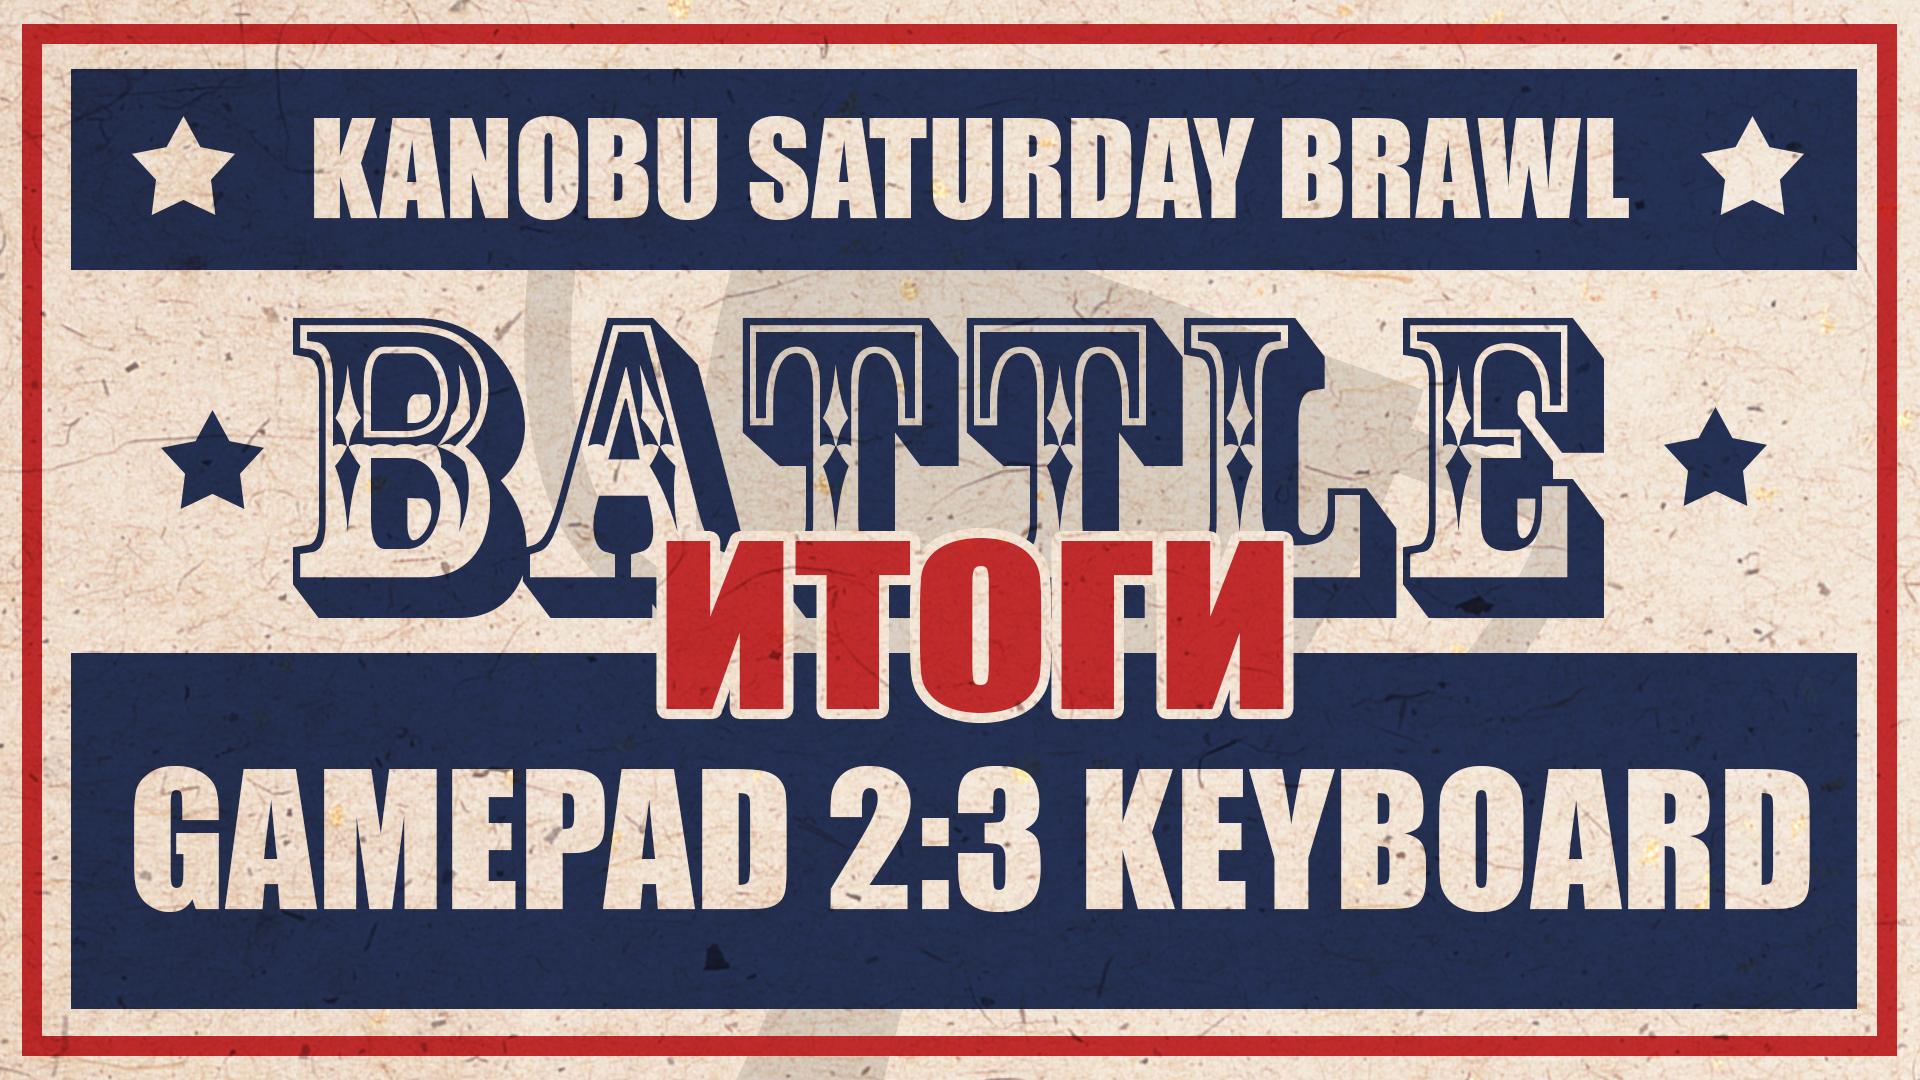 Kanobu saturday brawl. Как это было - Изображение 5